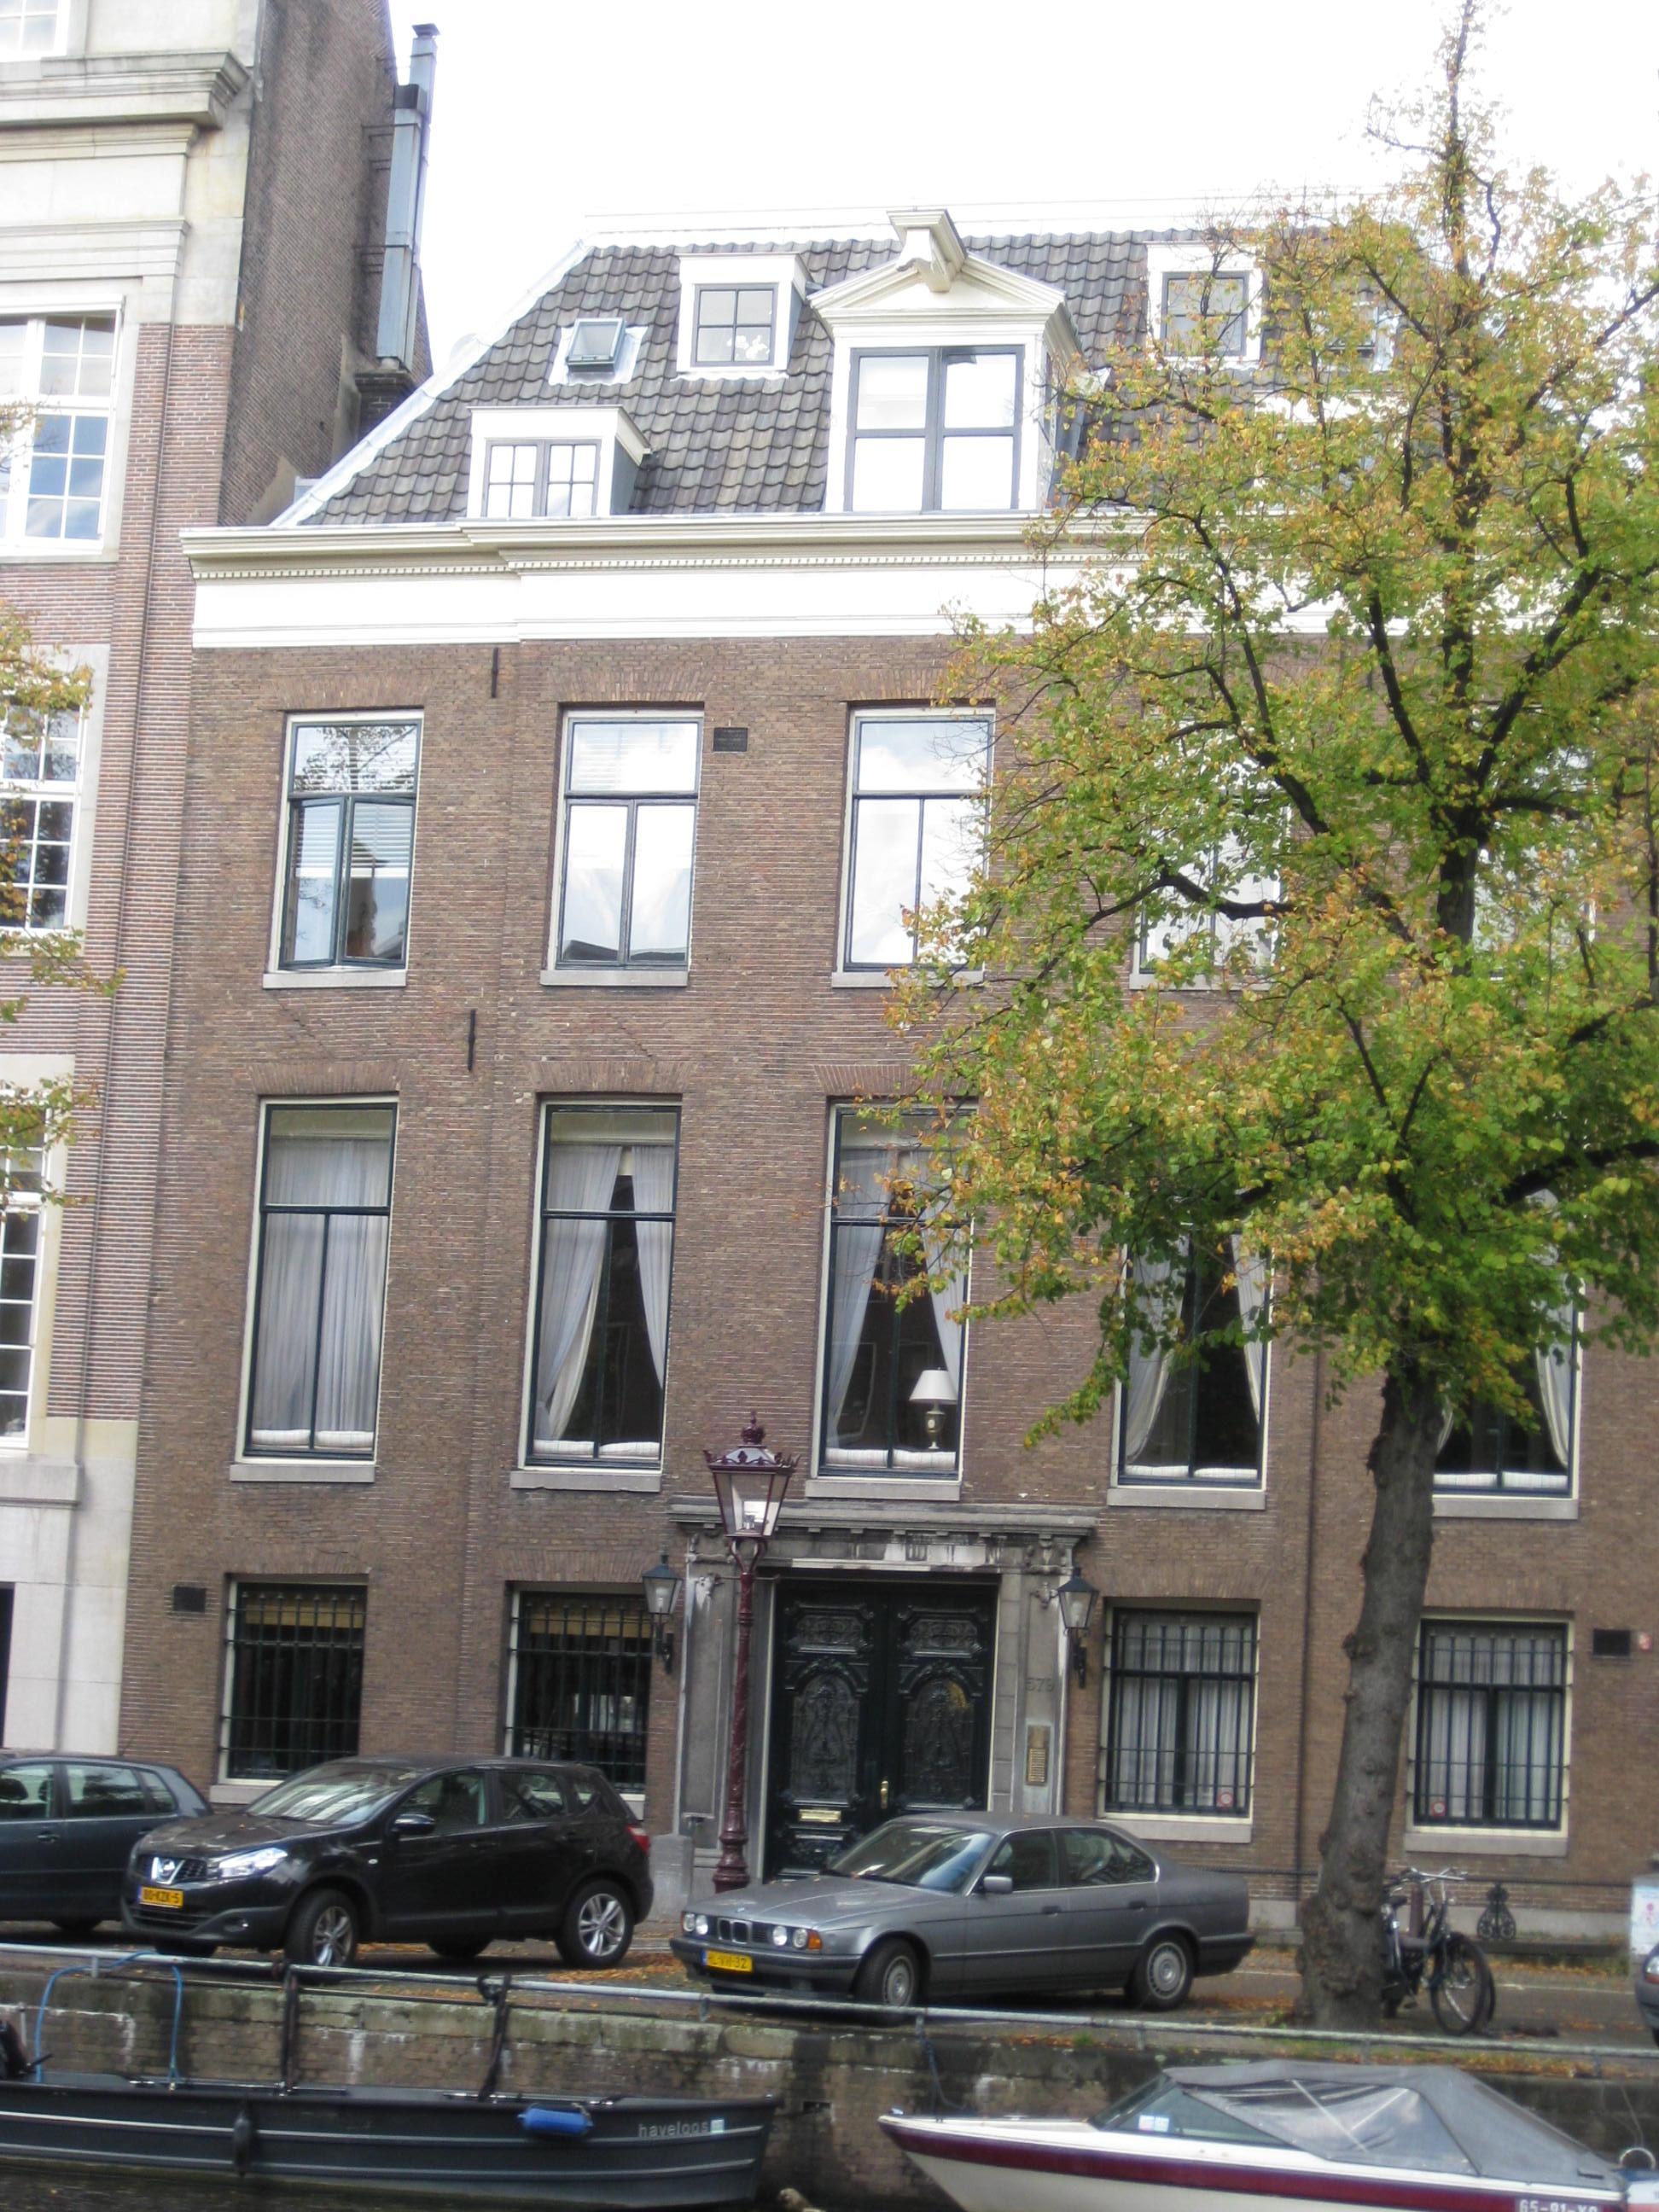 Dubbel huis met gevel voorzien van een middenrisaliet for Lijst inrichting huis